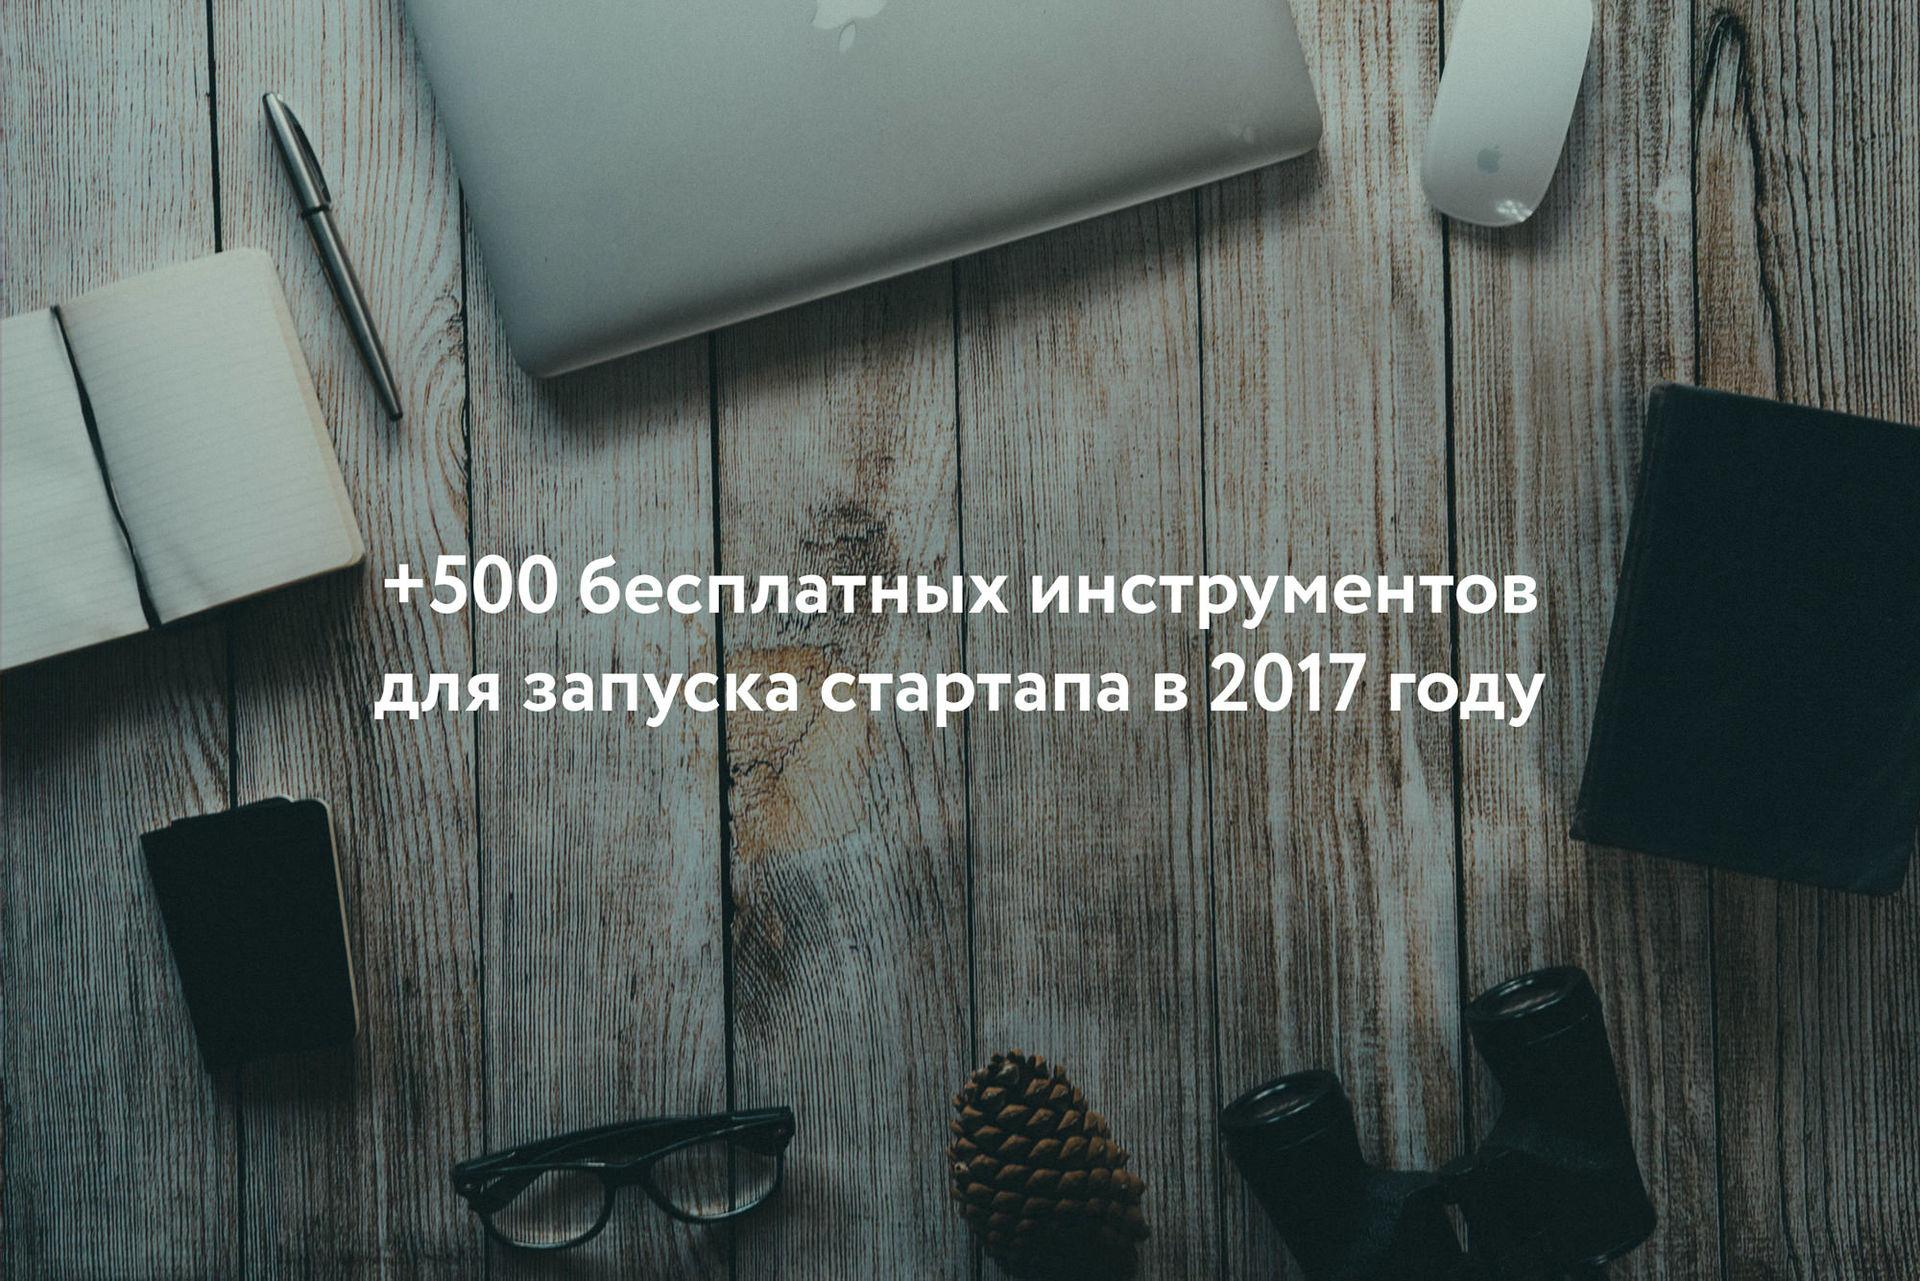 +500 бесплатных инструментов для запуска вашего стартапа в 2017 году